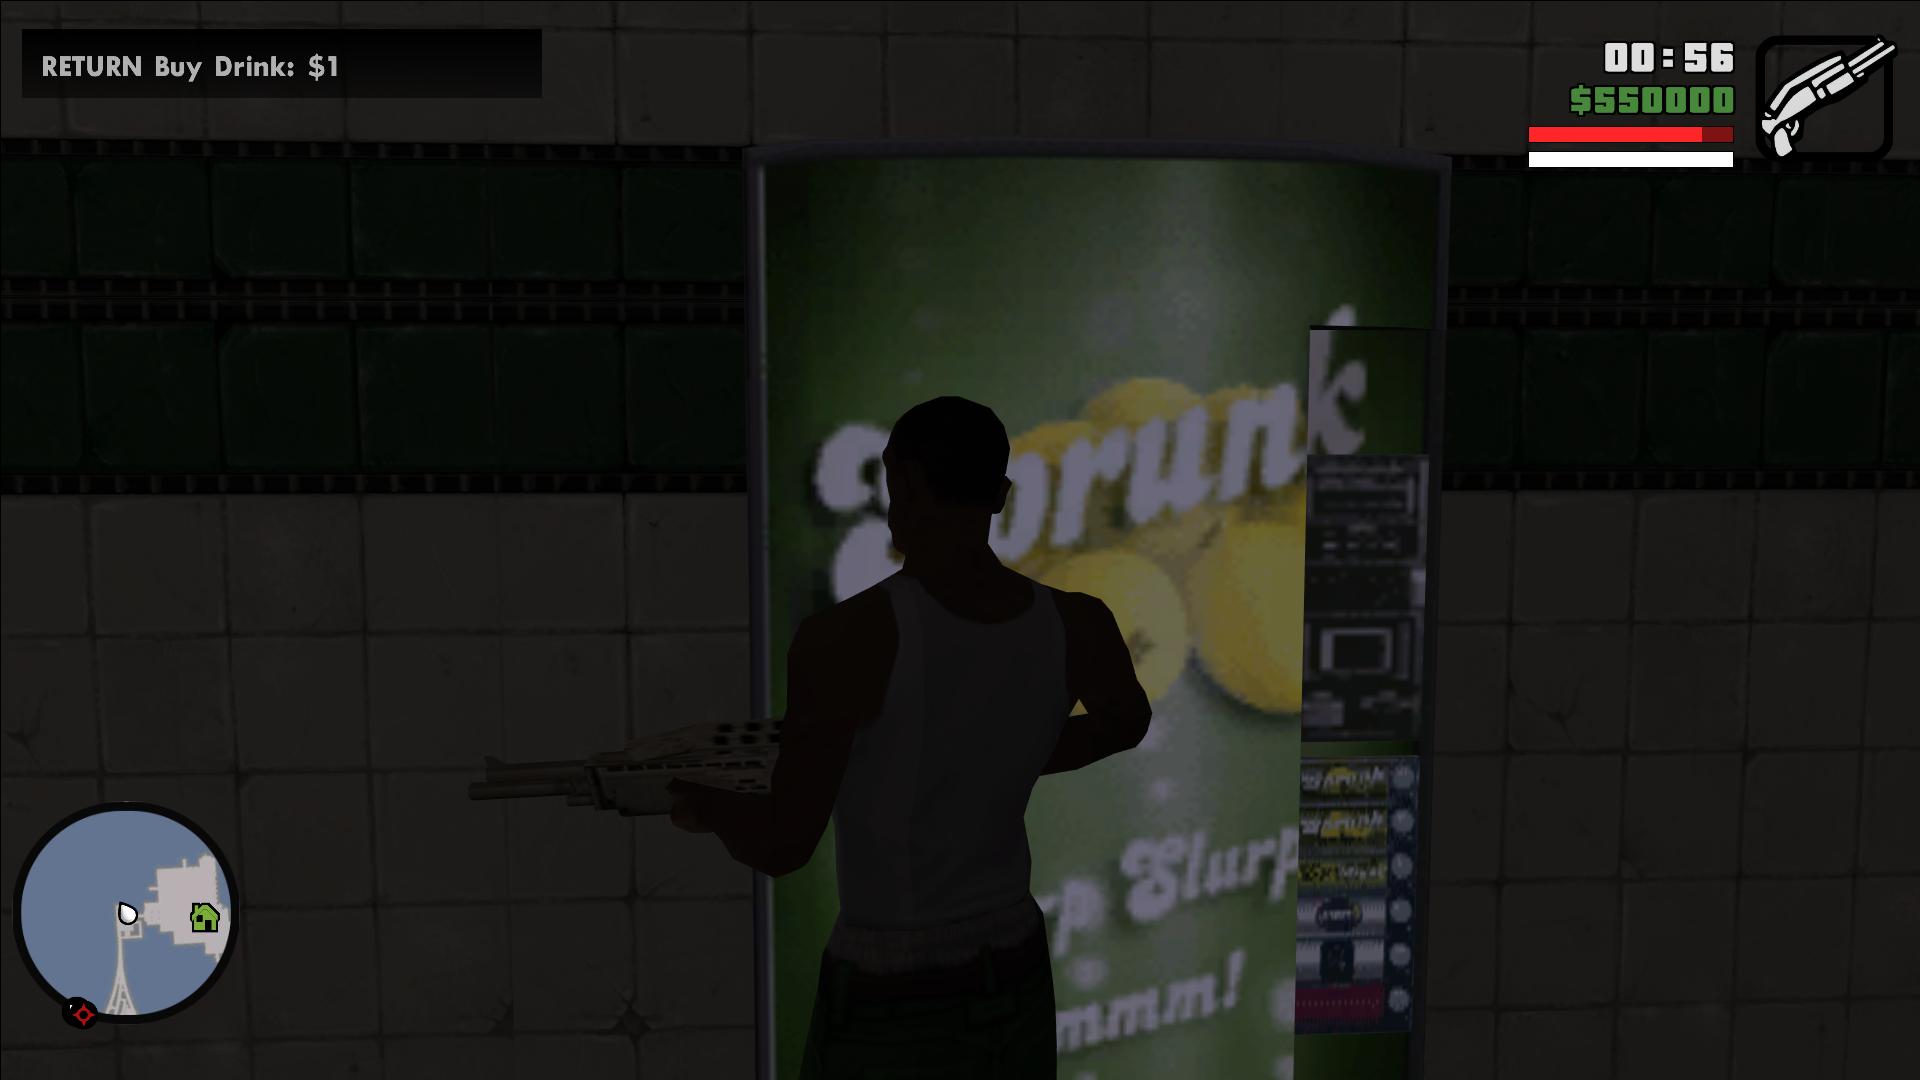 Gta_Underground_Screenshot_2018.06.29_-_